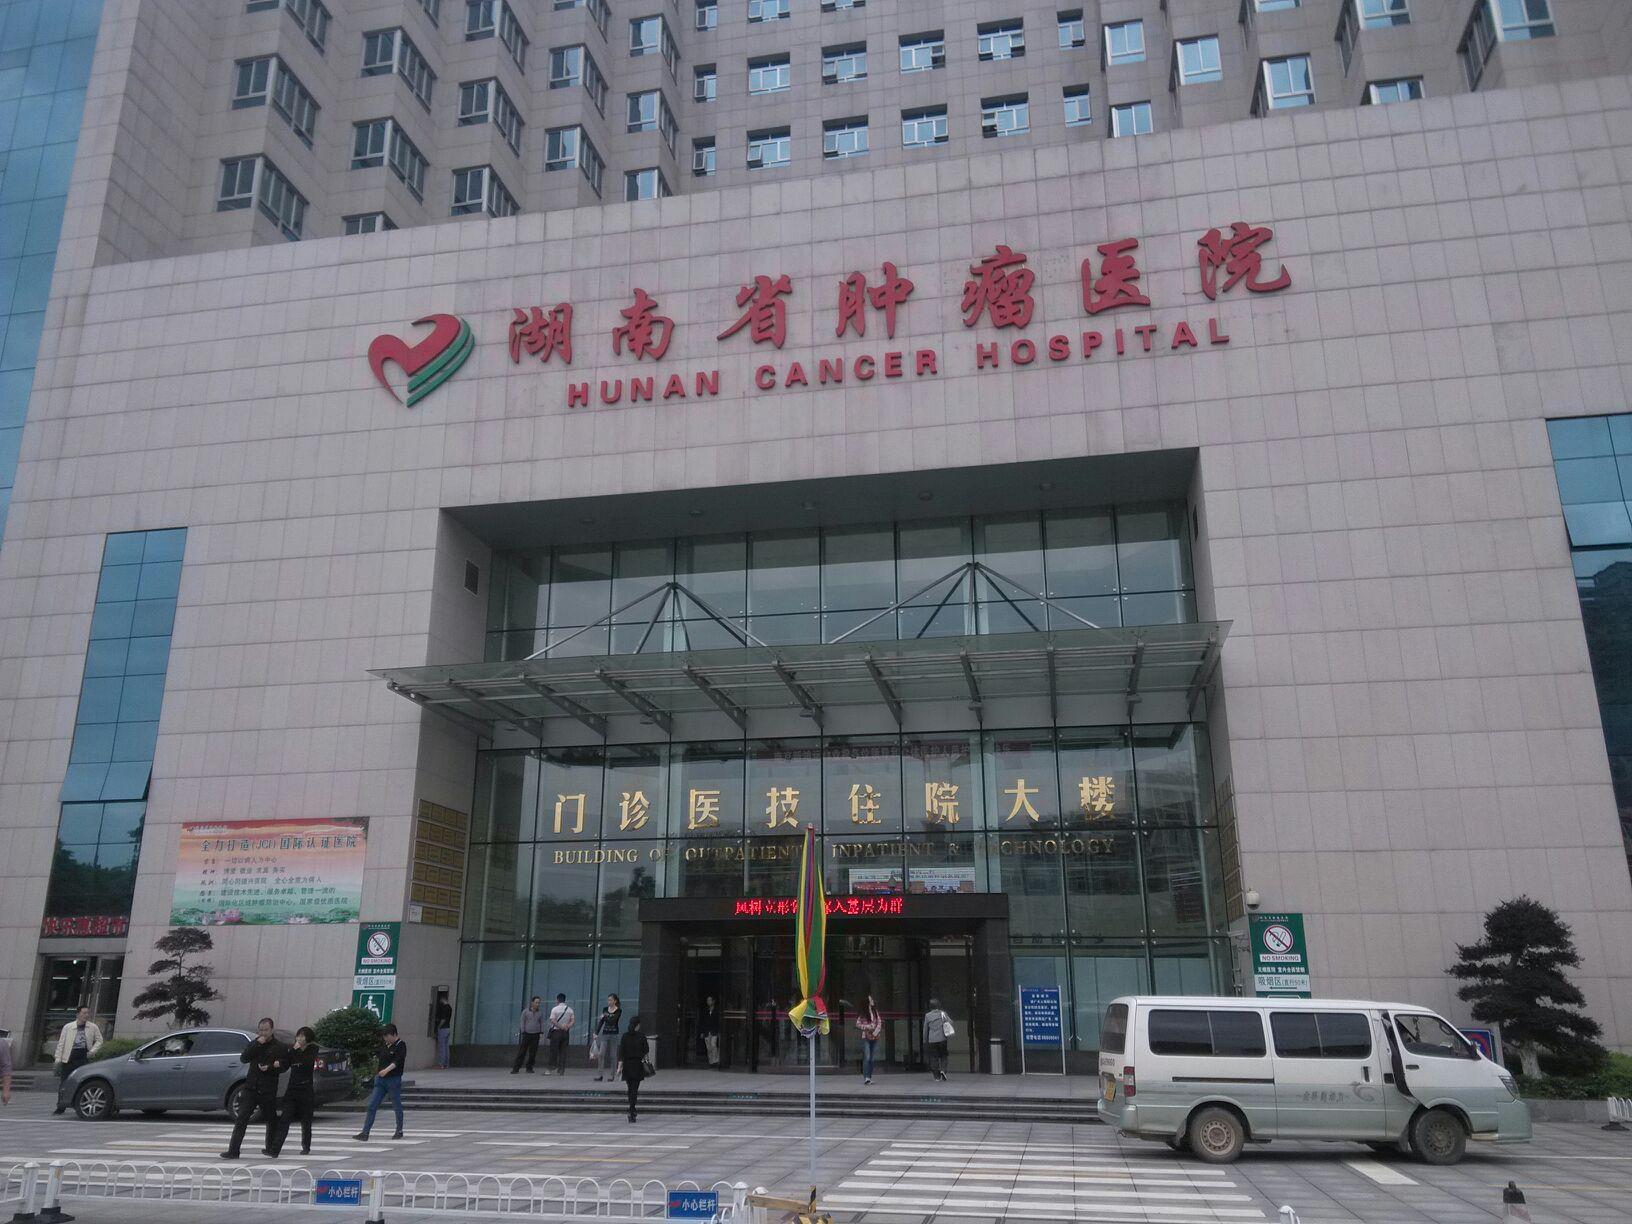 湖南省肿瘤医院-住院部地址,电话,简介(长沙)-百度地图